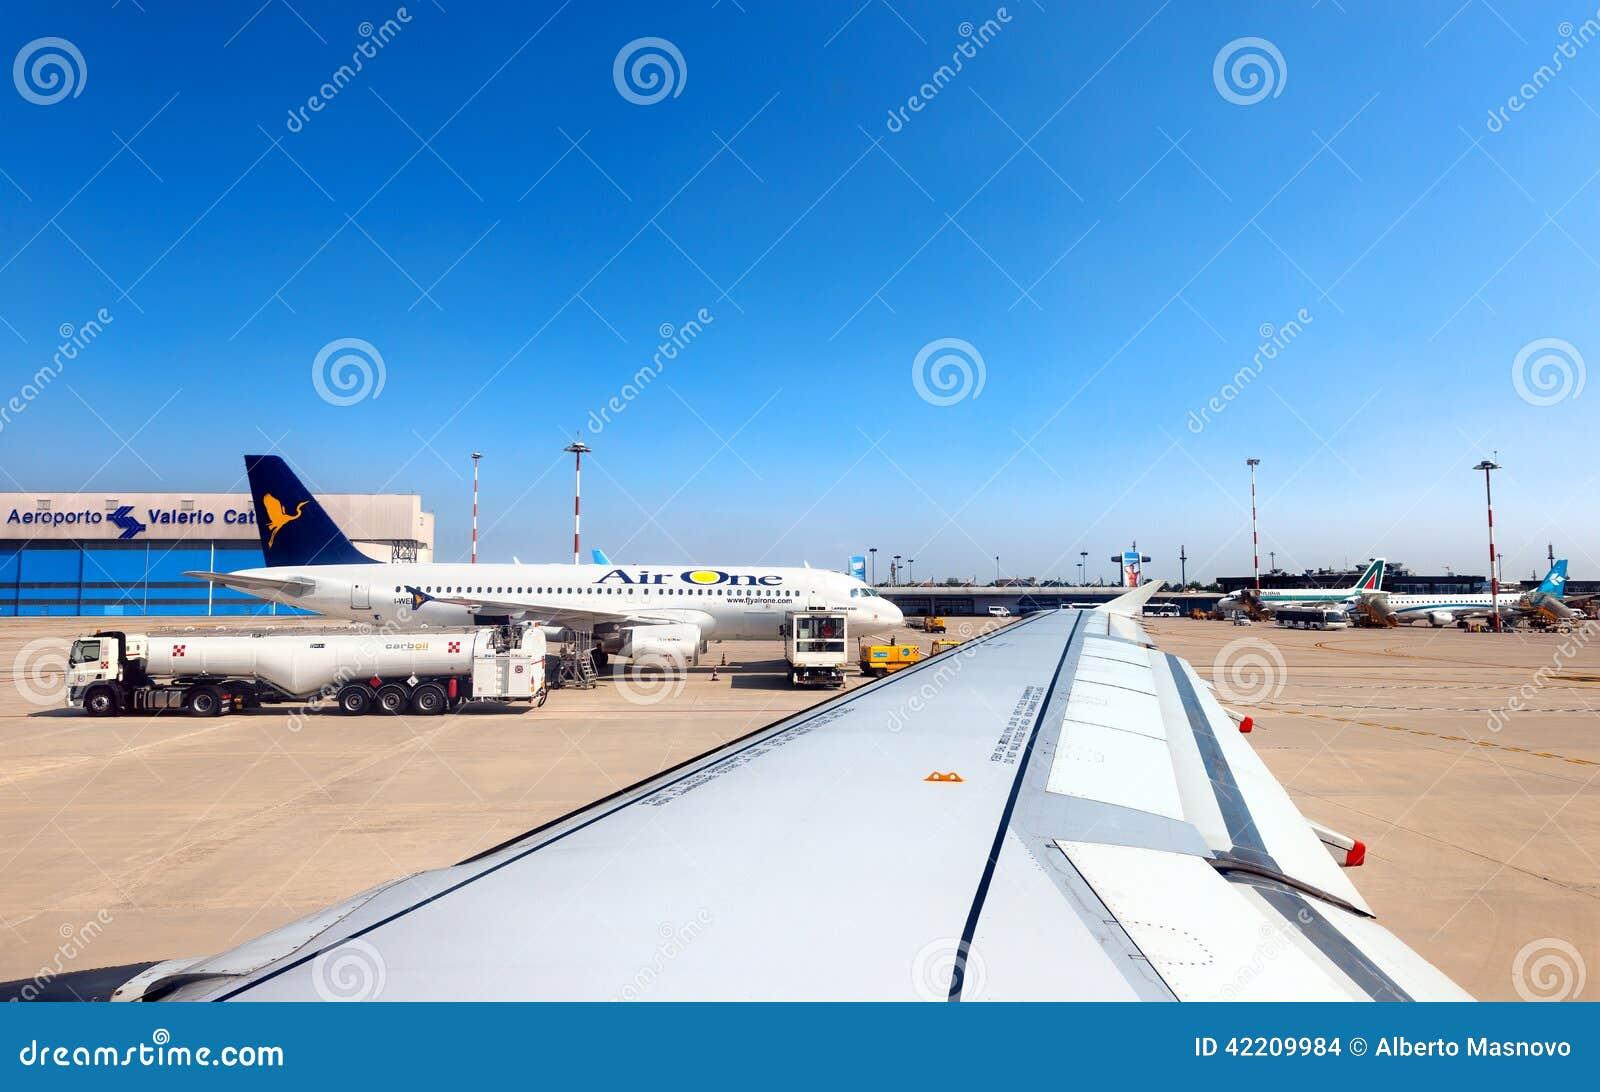 Valerio Catullo Airport - Verona Italy Editorial Stock ...